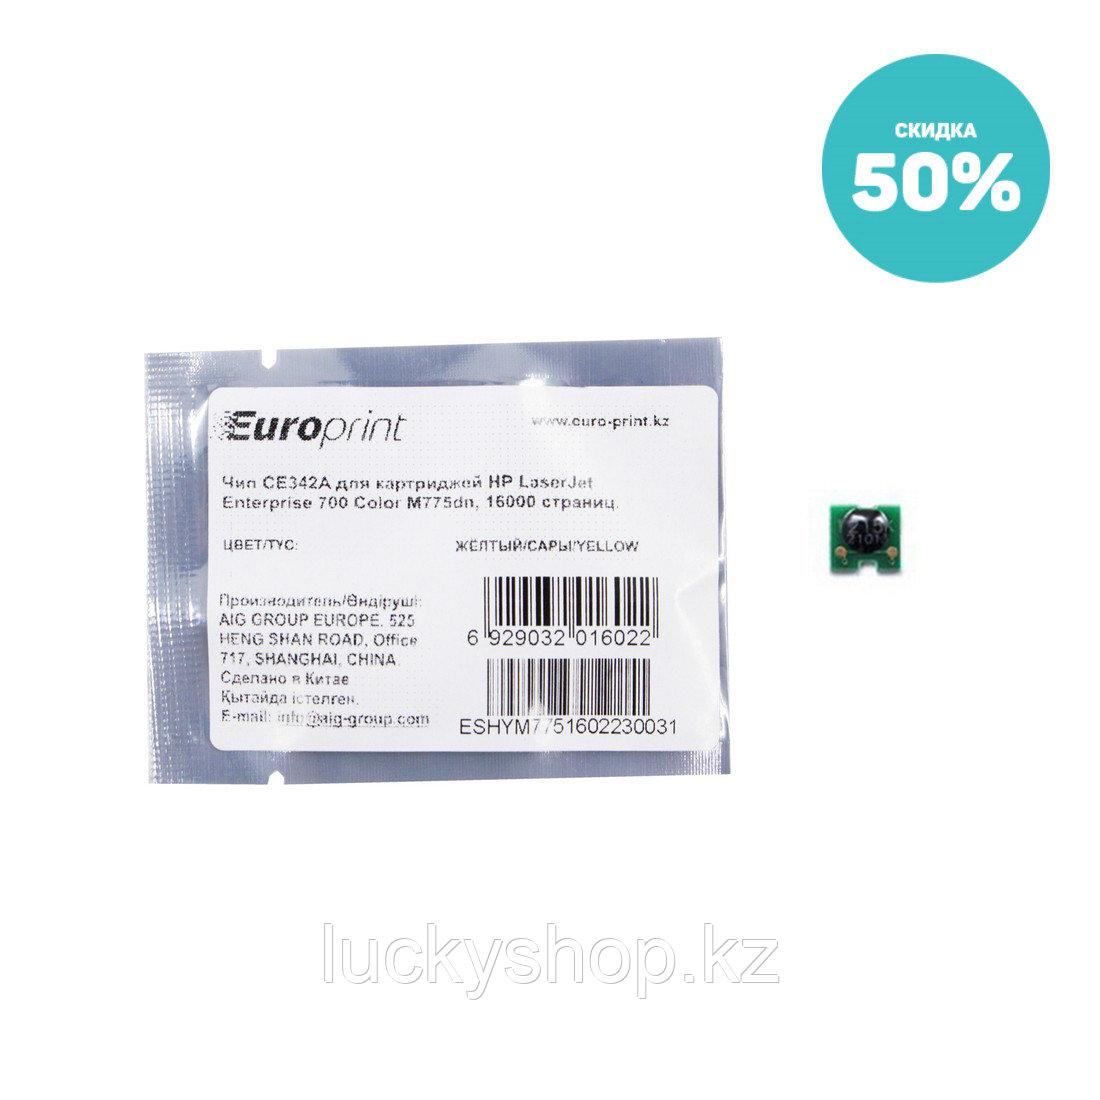 Чип Europrint HP CE342A